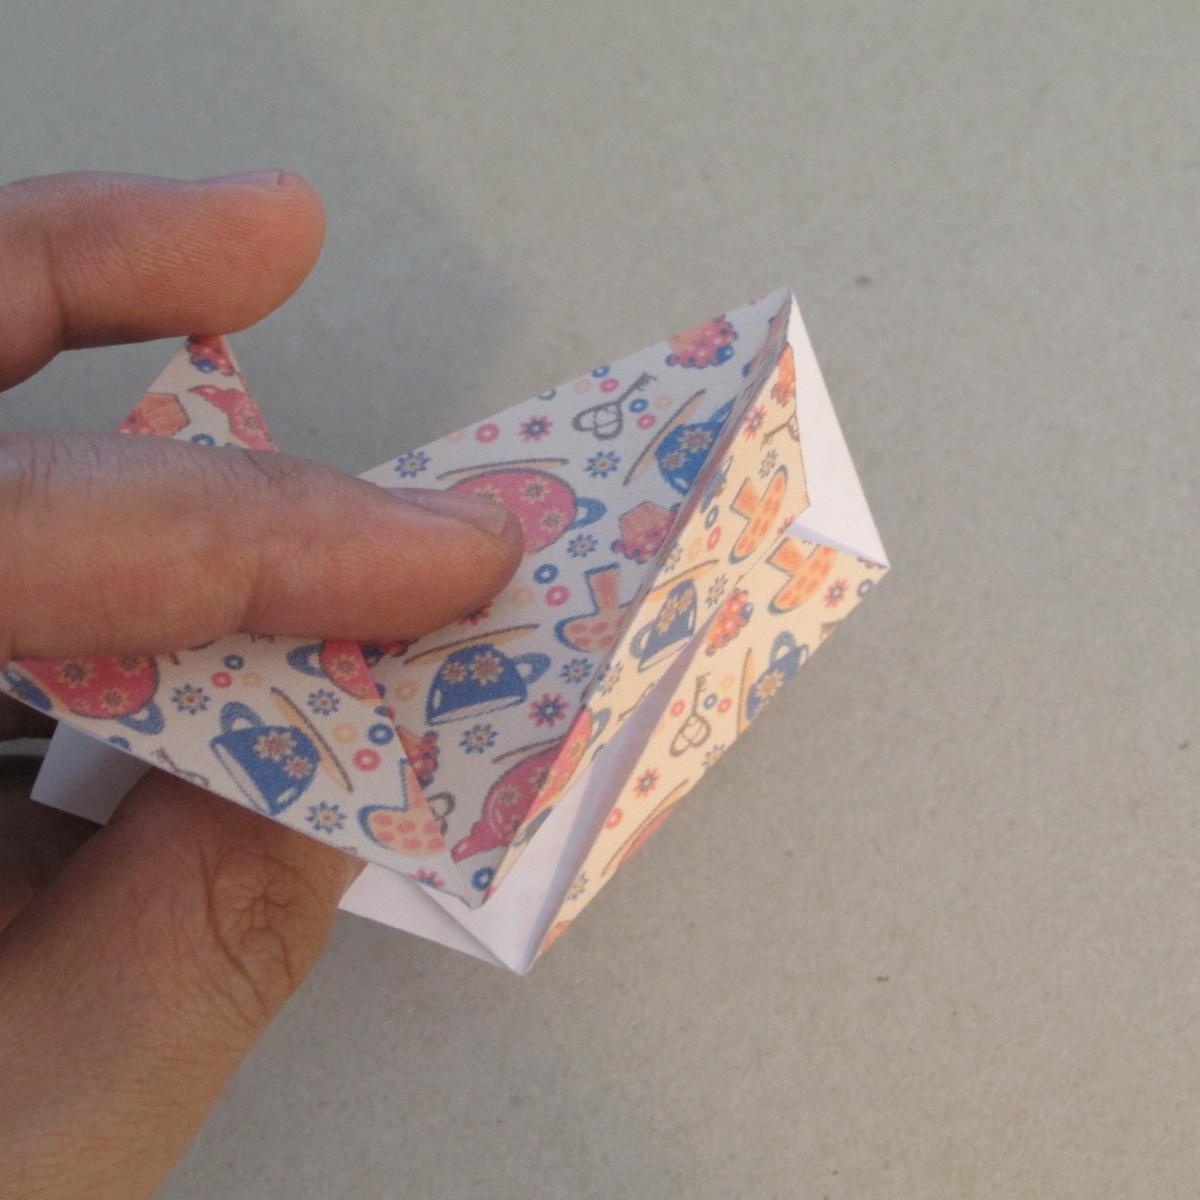 วิธีการทำโมดูล่าโอริกามิแบบเซ็ปติม่าสตาร์ 013